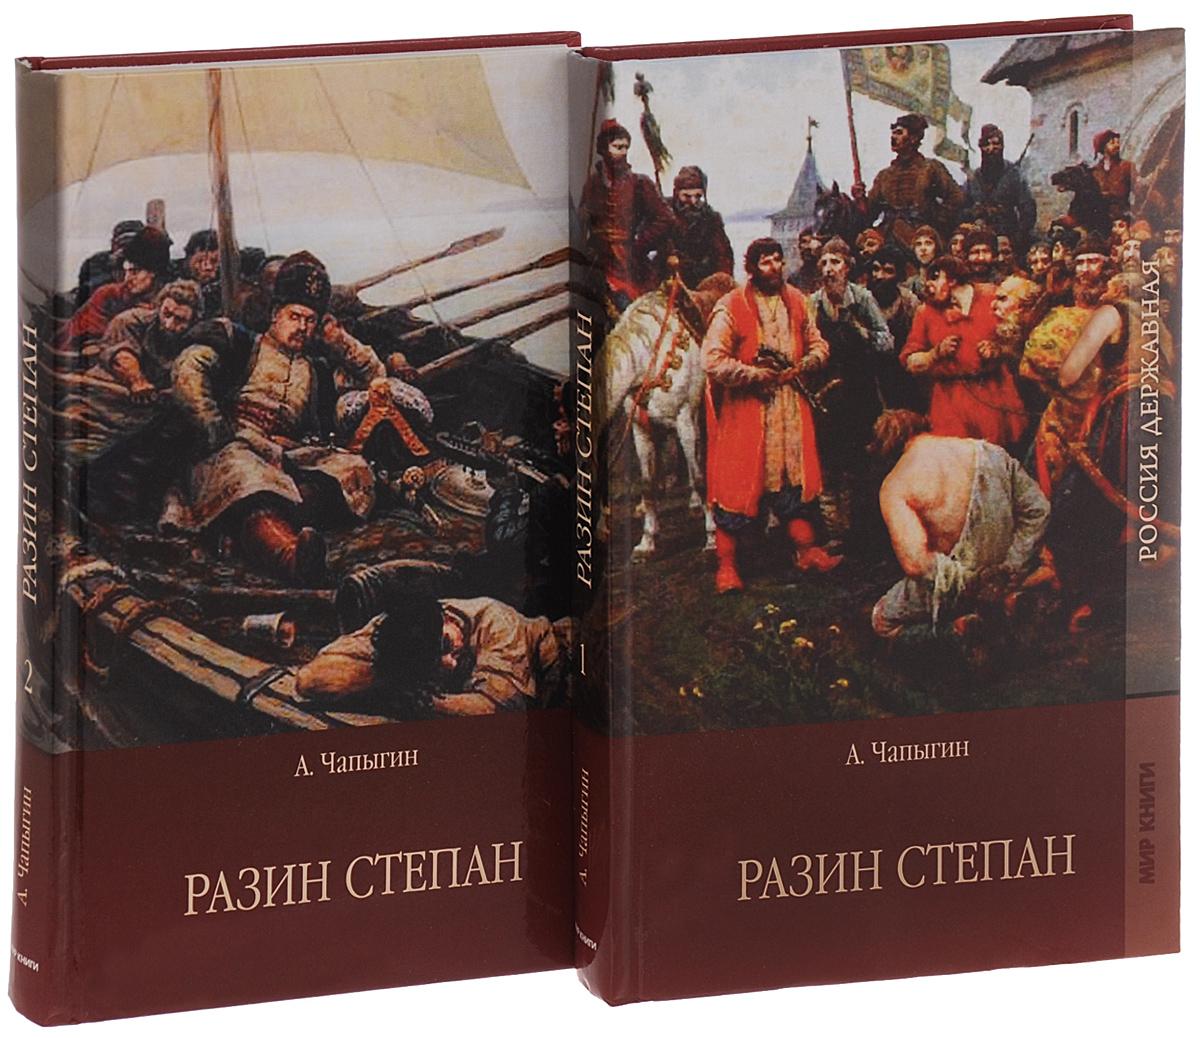 Разин Степан. В 2 томах (комплект)